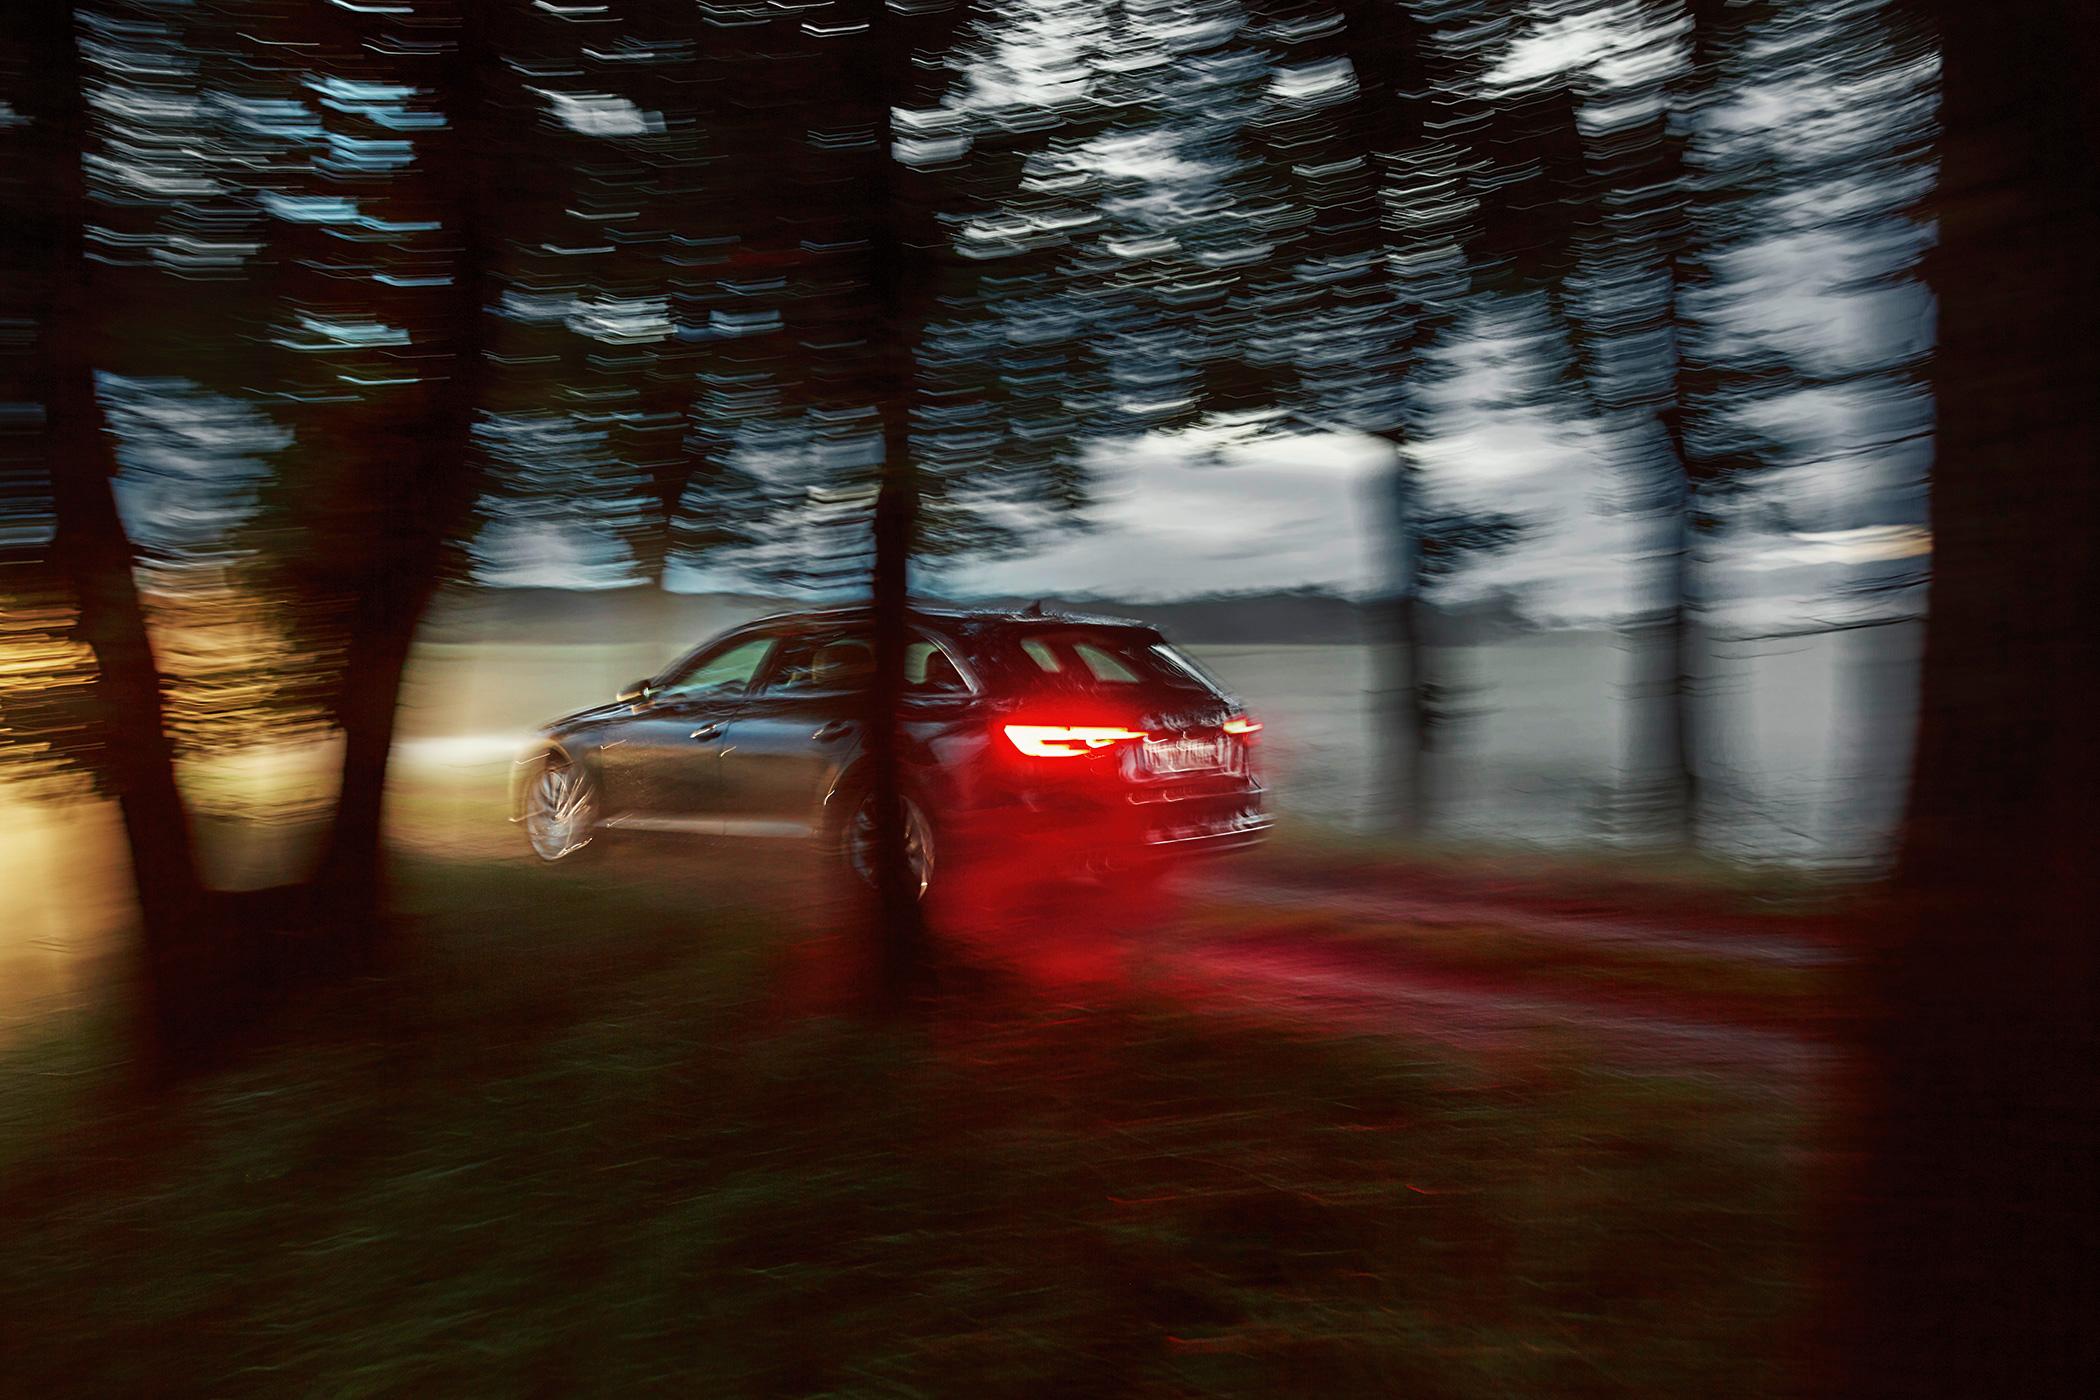 Audi_Licht_und_Sicht_1081.jpg